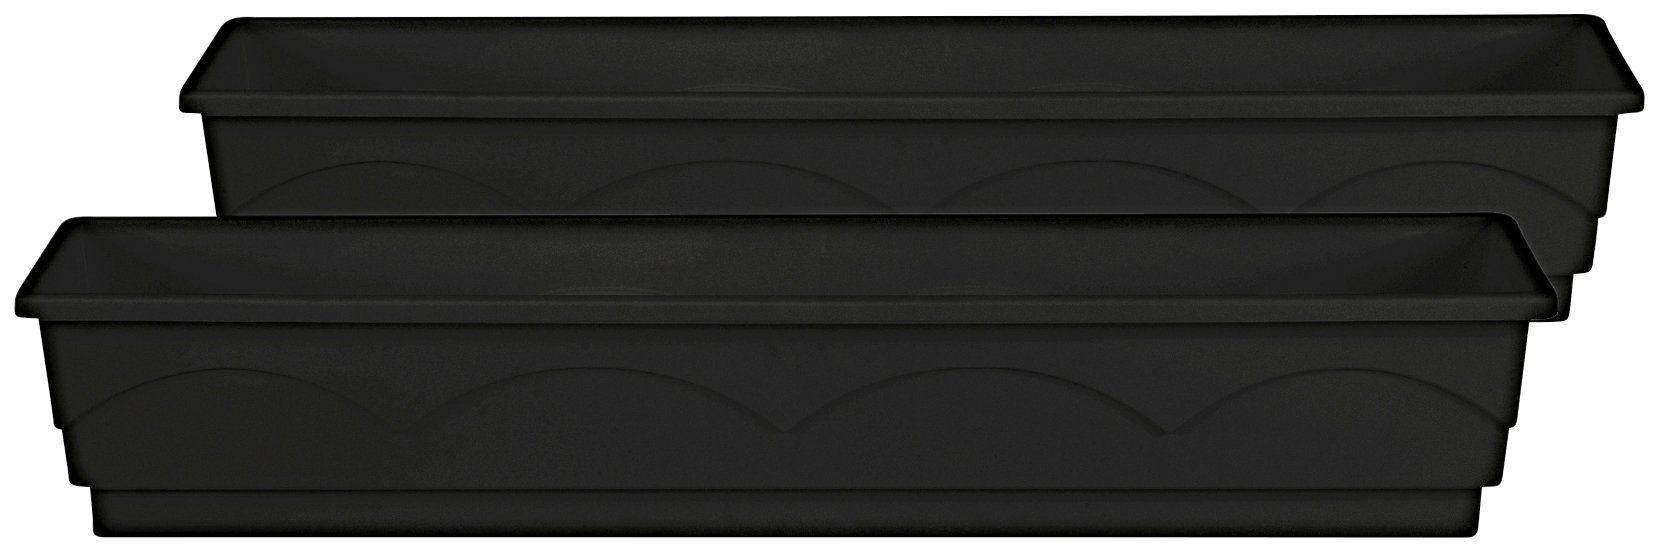 Emsa Blumenkasten »LAGO«, 2er-Set, BxTxH: 100x22x18 cm, anthrazit